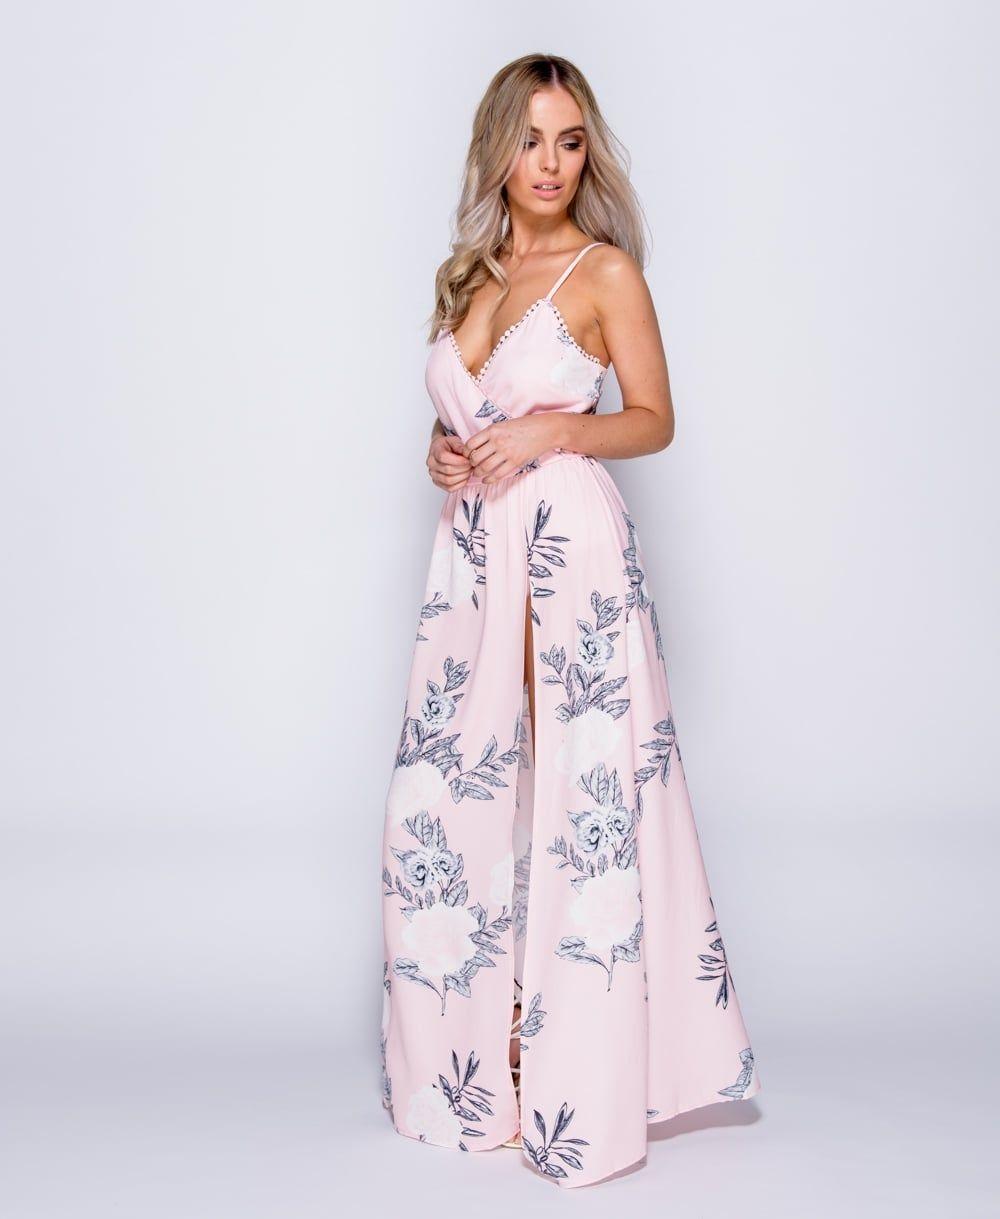 557b8142cdd0f2 Długa letnia sukienka, idealna na wesele, chrzciny. Sukienka koktajlowa, |  sukienki w 2019 | Sukienka, Sukienki i Suknie wieczorowe